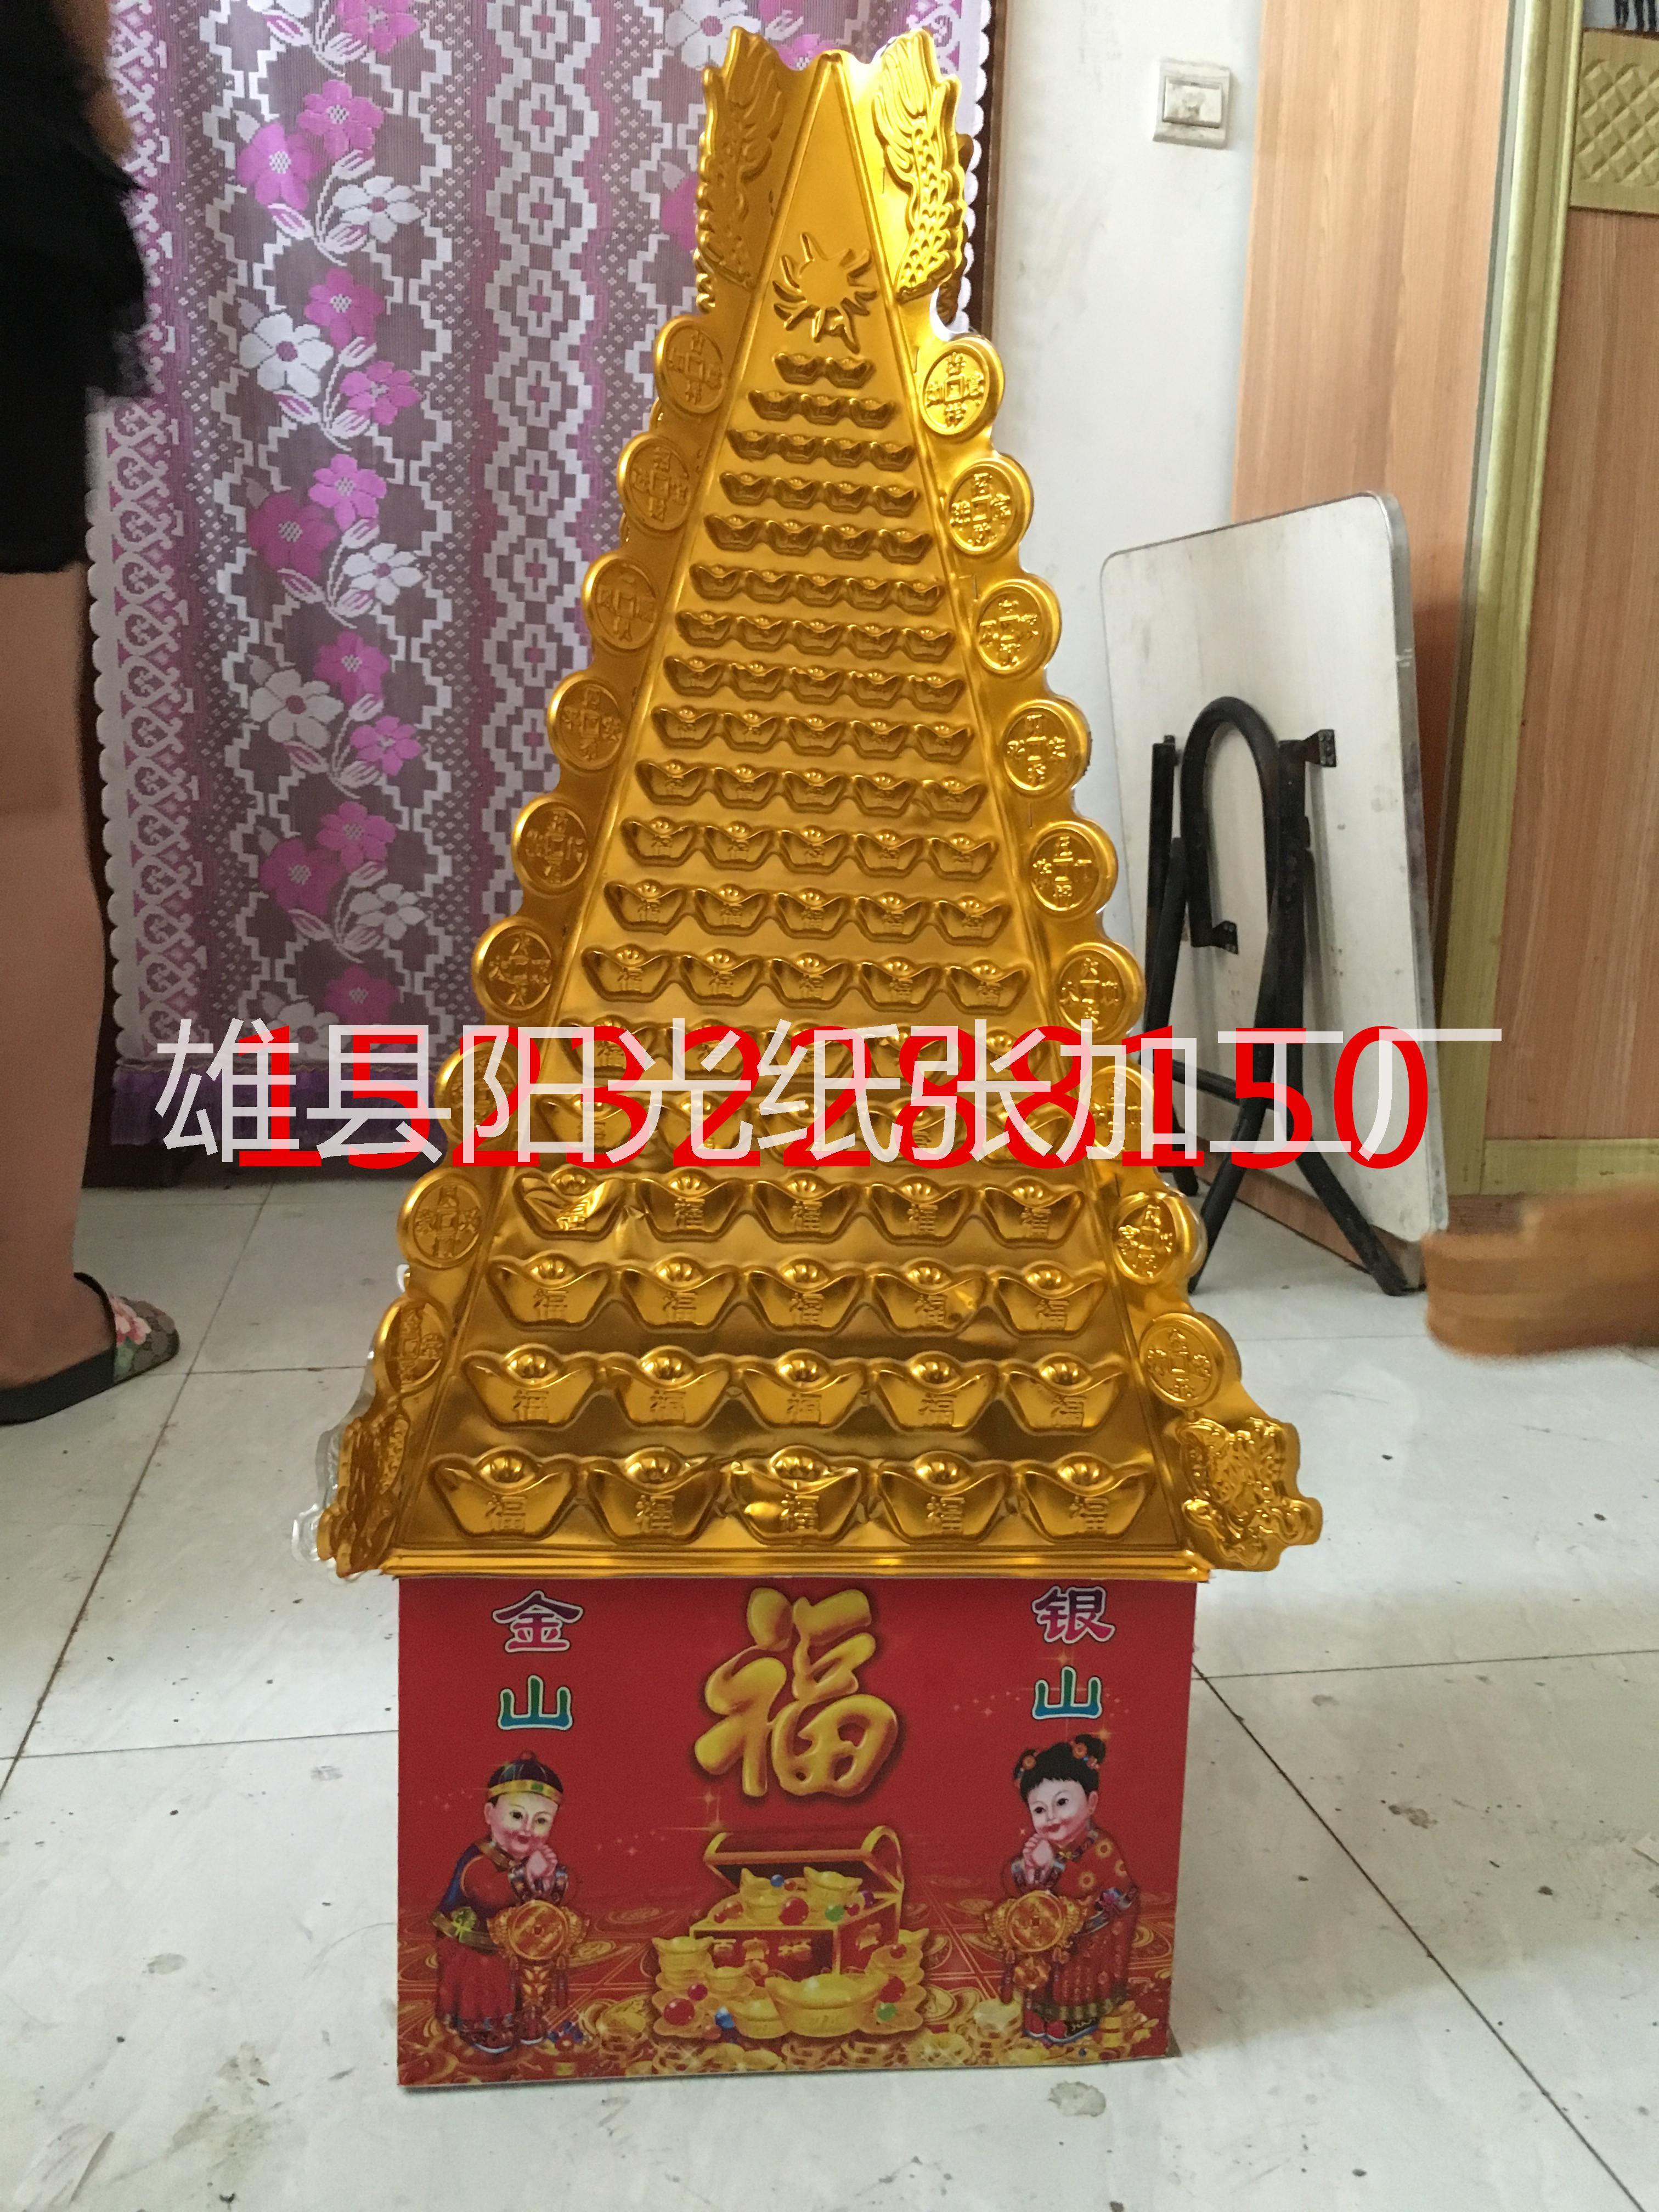 纸活|殡葬用品的佛教祭祀纸扎纸活吸塑金银山金银塔